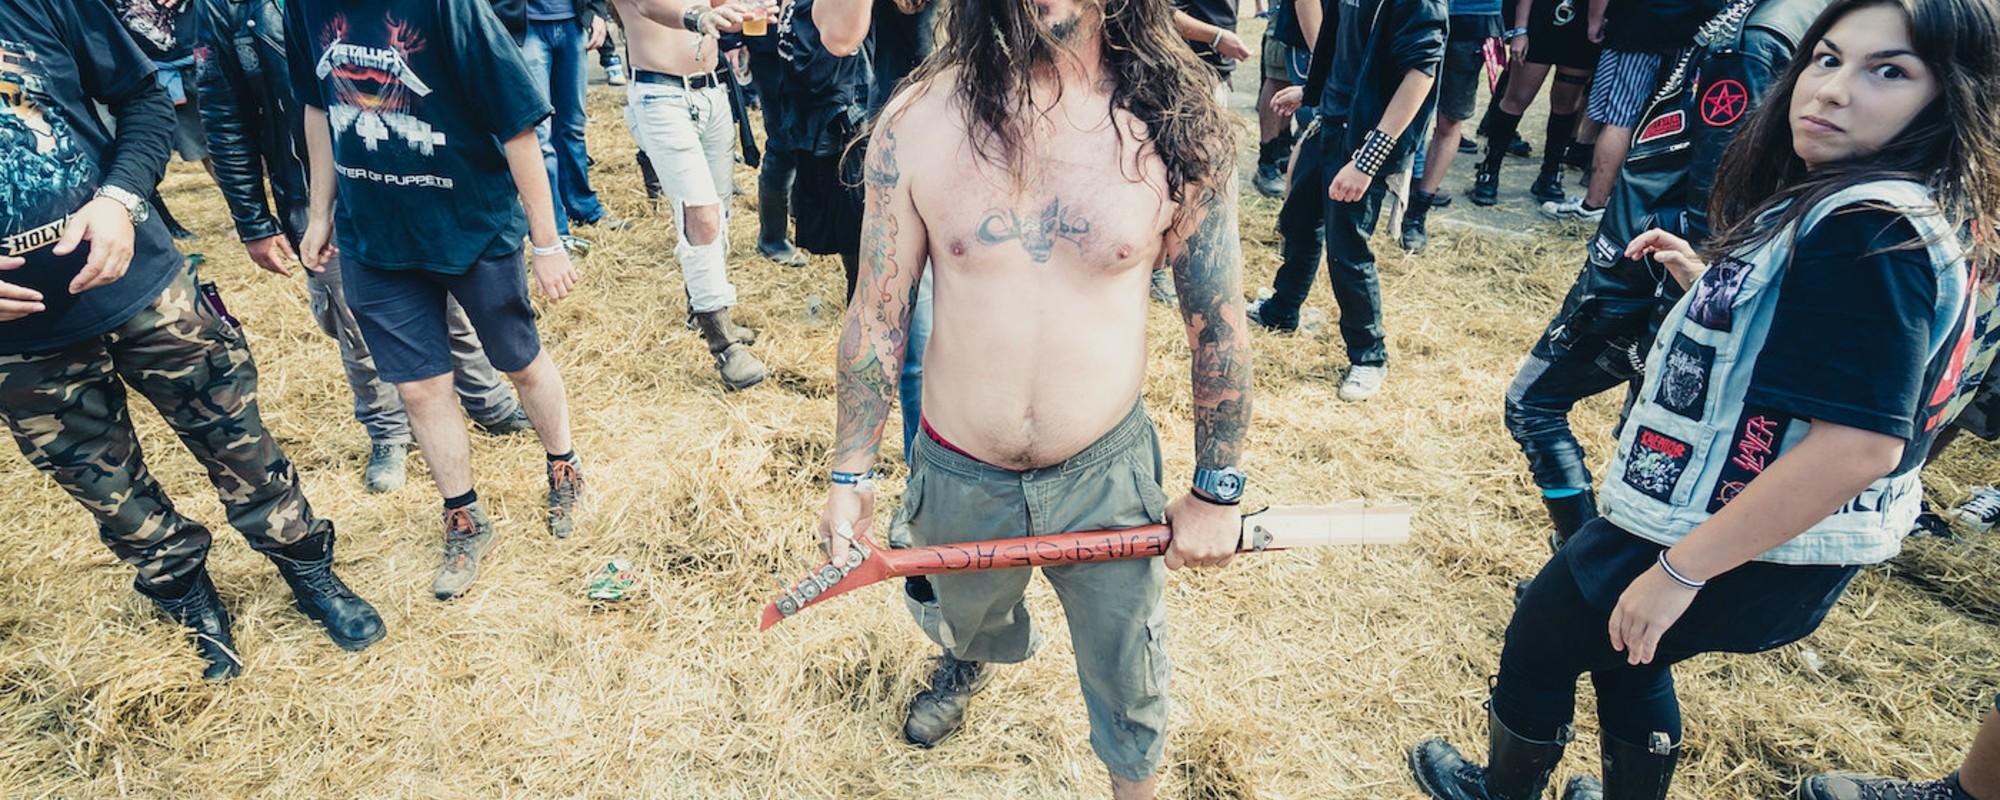 Fotografii cu rockeri care petrec la cel mai mare festival metal din România